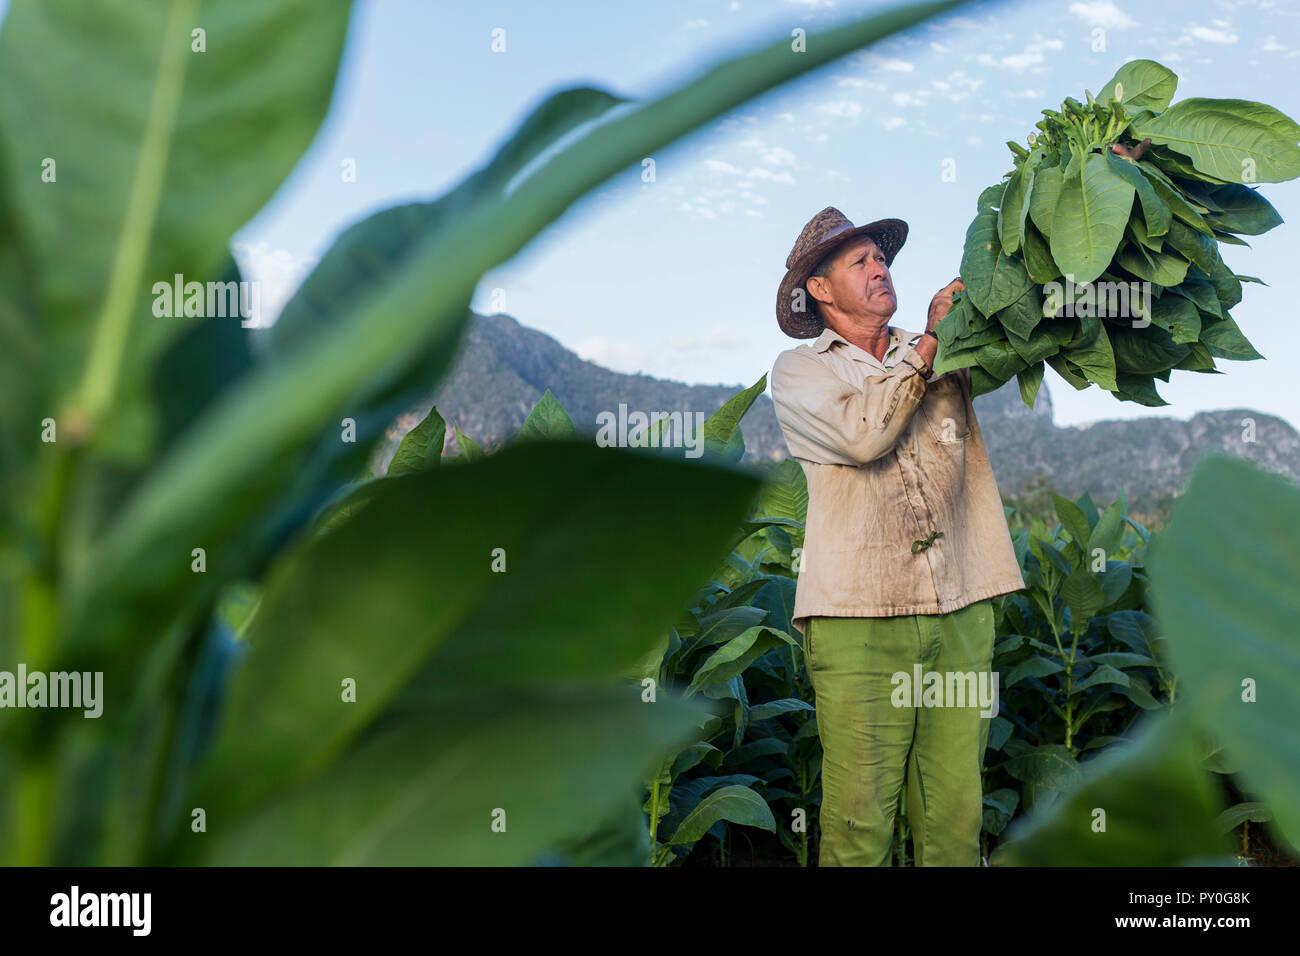 Male worker harvesting tobacco leaves in plantation, La Palma, Pinar del Rio Province, Cuba - Stock Image